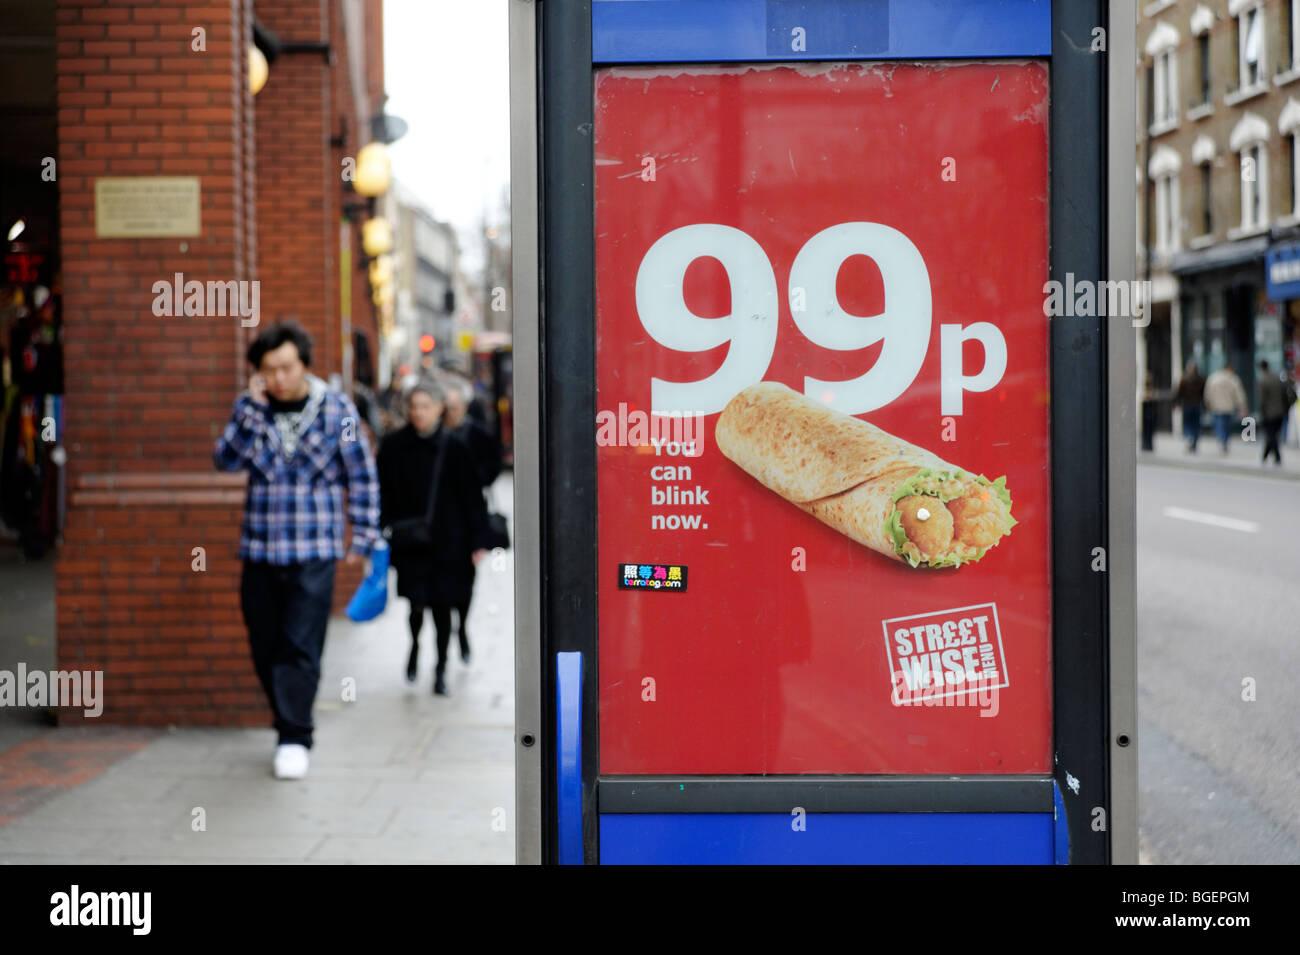 Pubblicità per 99p pasti economici trattare da high street take-away. Londra. Regno Unito 2009 Immagini Stock